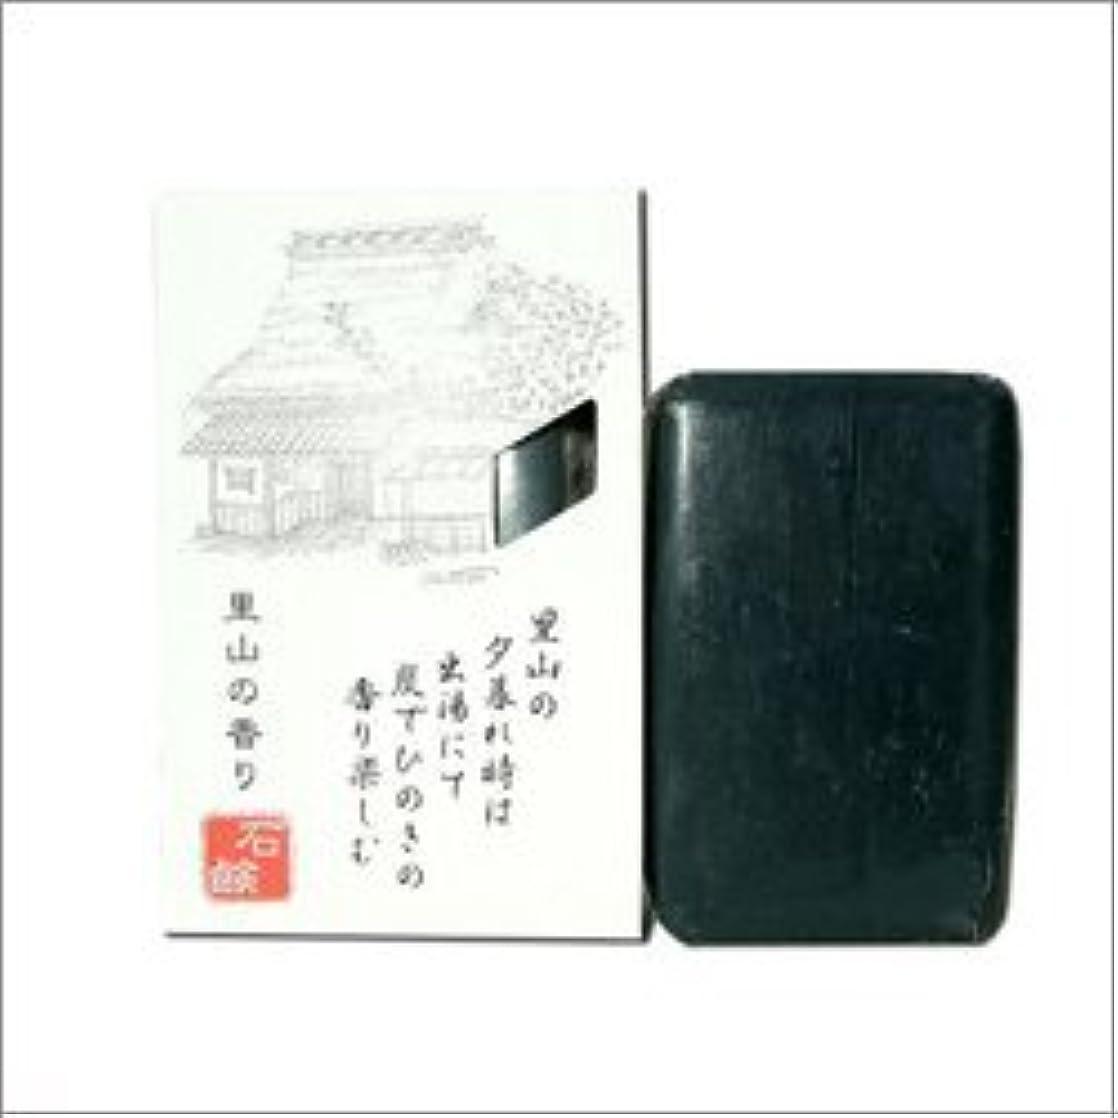 紀元前ピア上げるROTTS 里山の香り石鹸 100g 【5個セット】